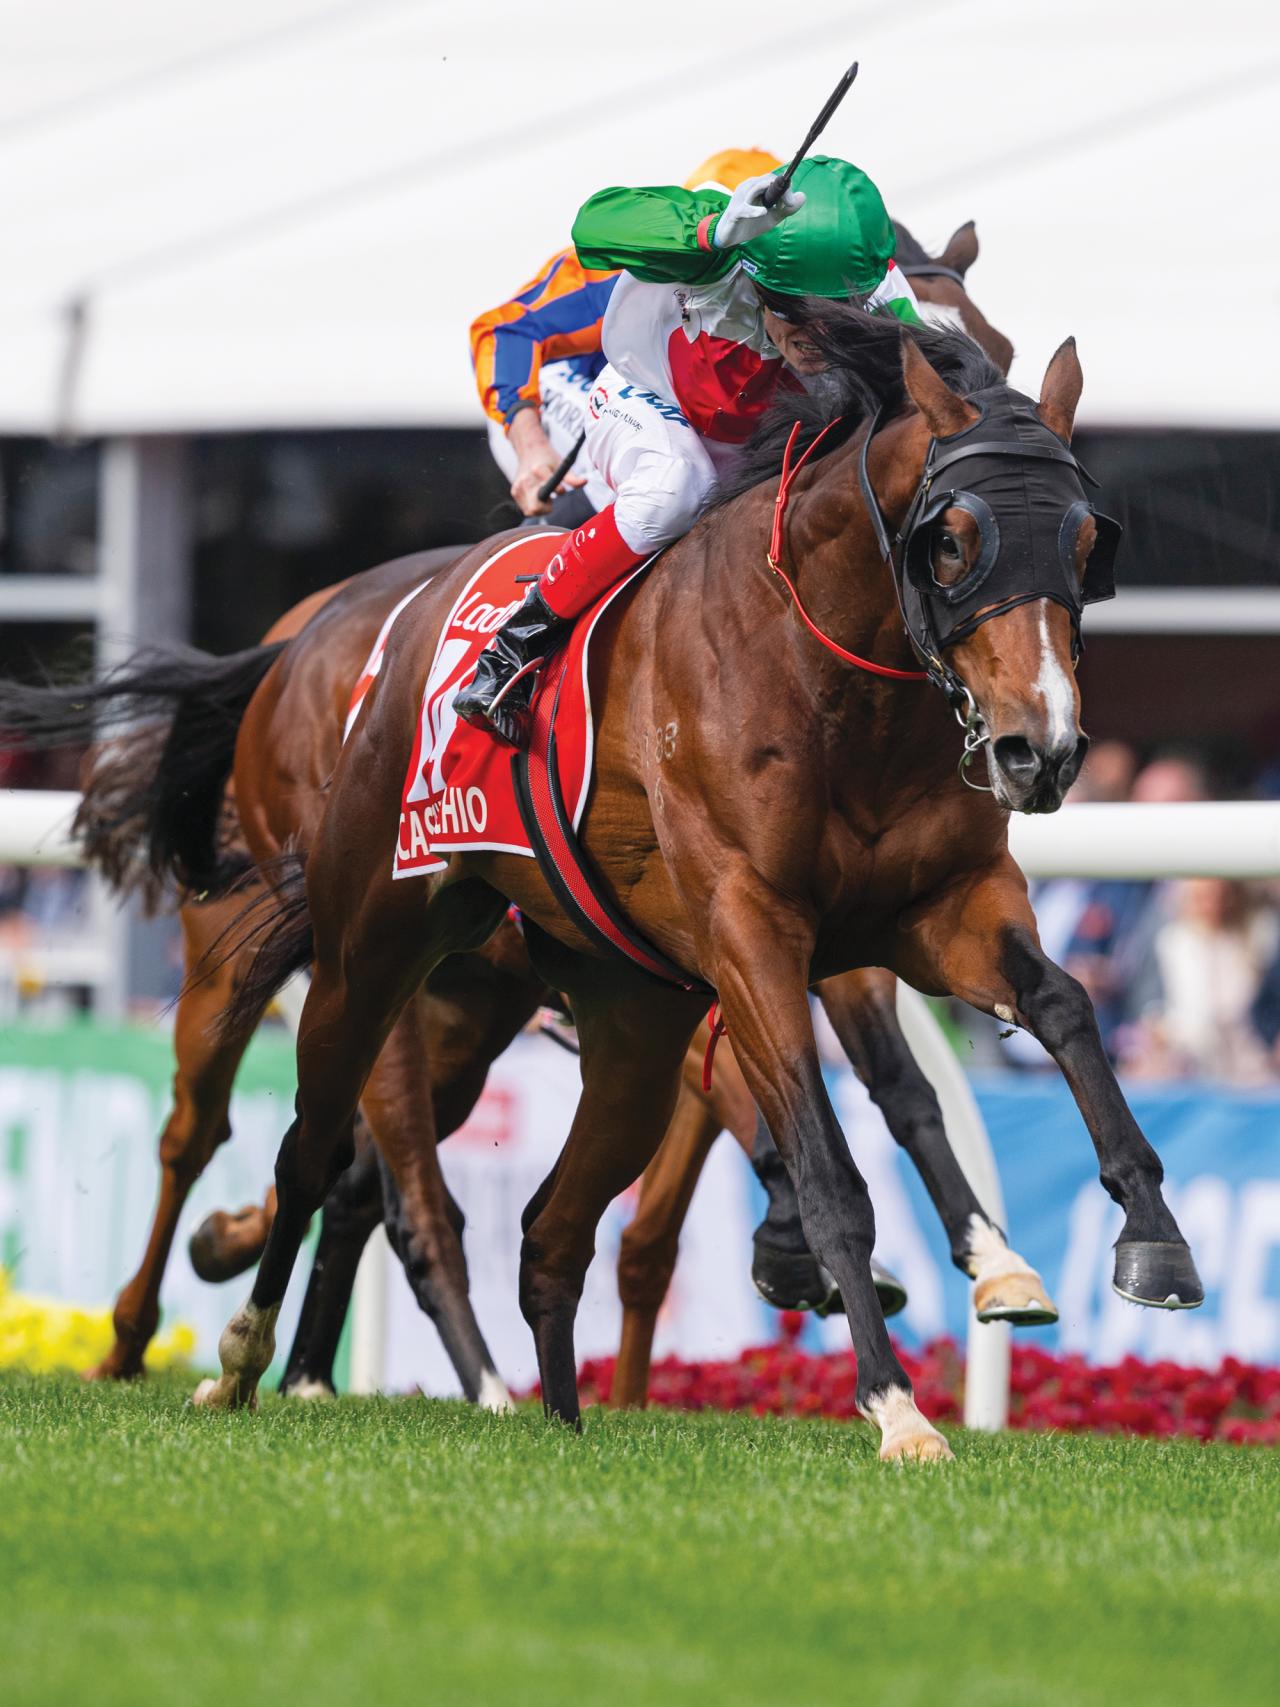 https://www.stallions.com.au/wp-content/uploads/2020/05/Castelvecchio-WilliamsCraig-20191026-3123-1280x1707.png